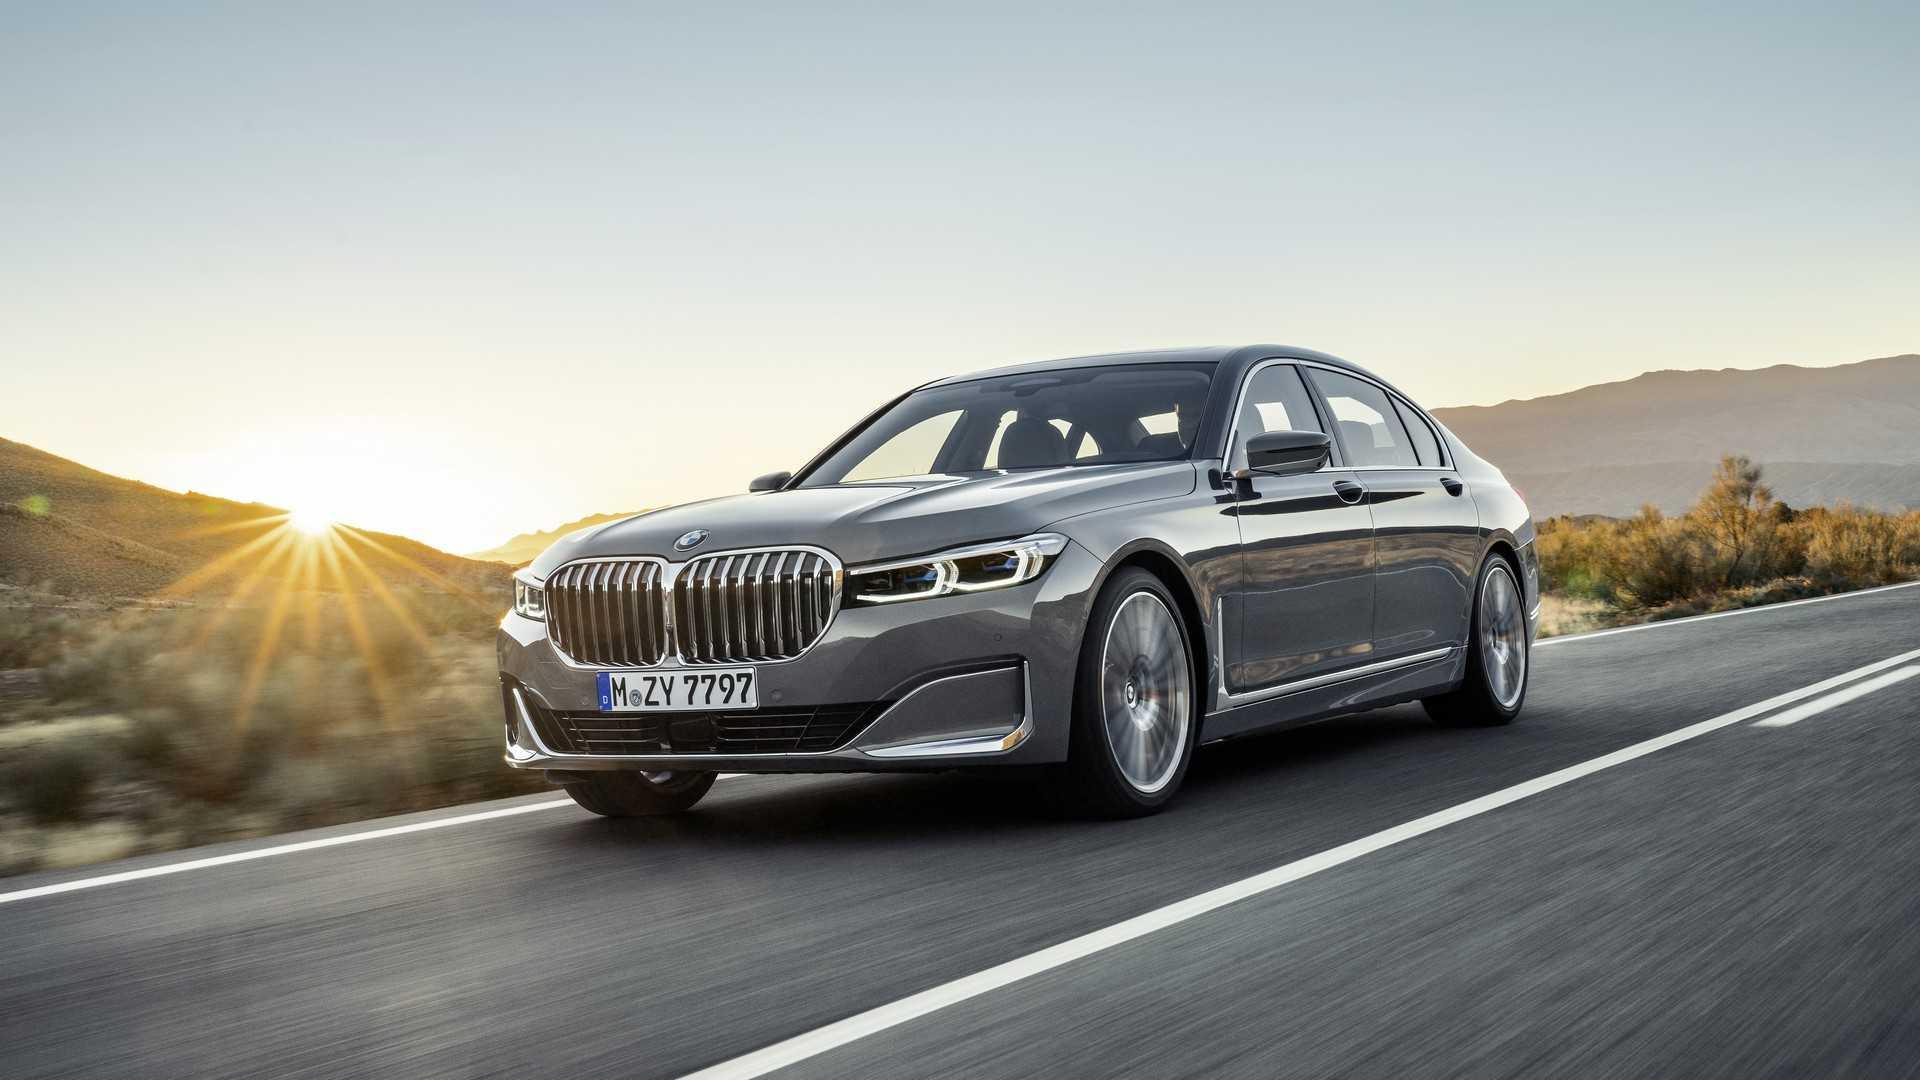 BMW 7 Series thế hệ mới sẽ có thêm bản chạy điện hoàn toàn - 20